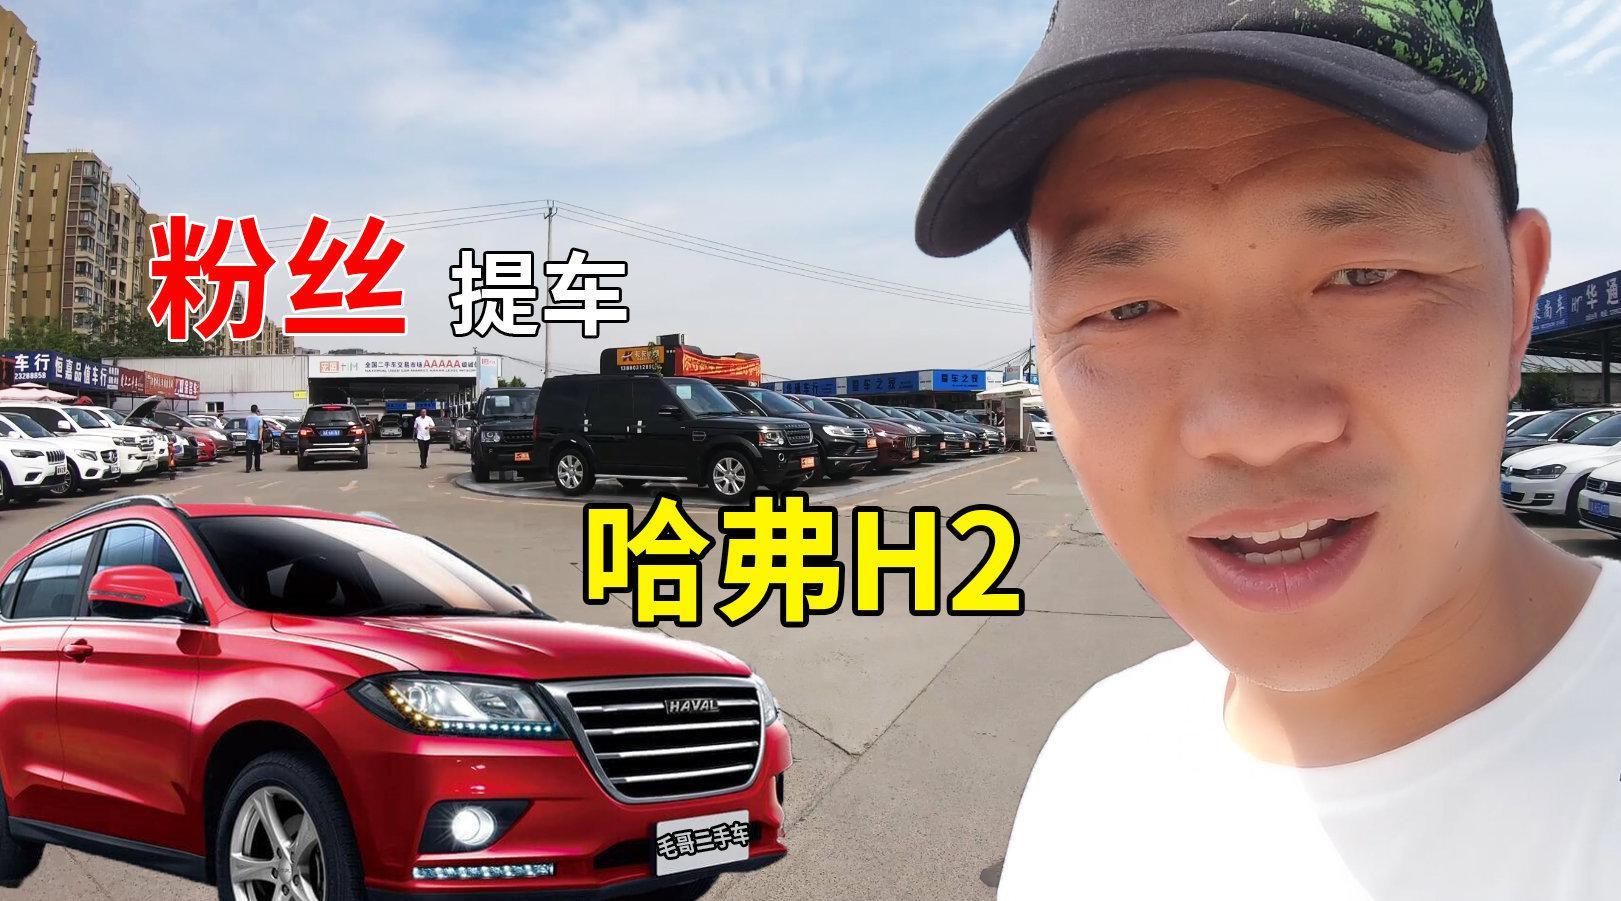 视频:哈弗H2,外观霸气配置丰富,车况还不赖,粉丝看了细节后直接提走